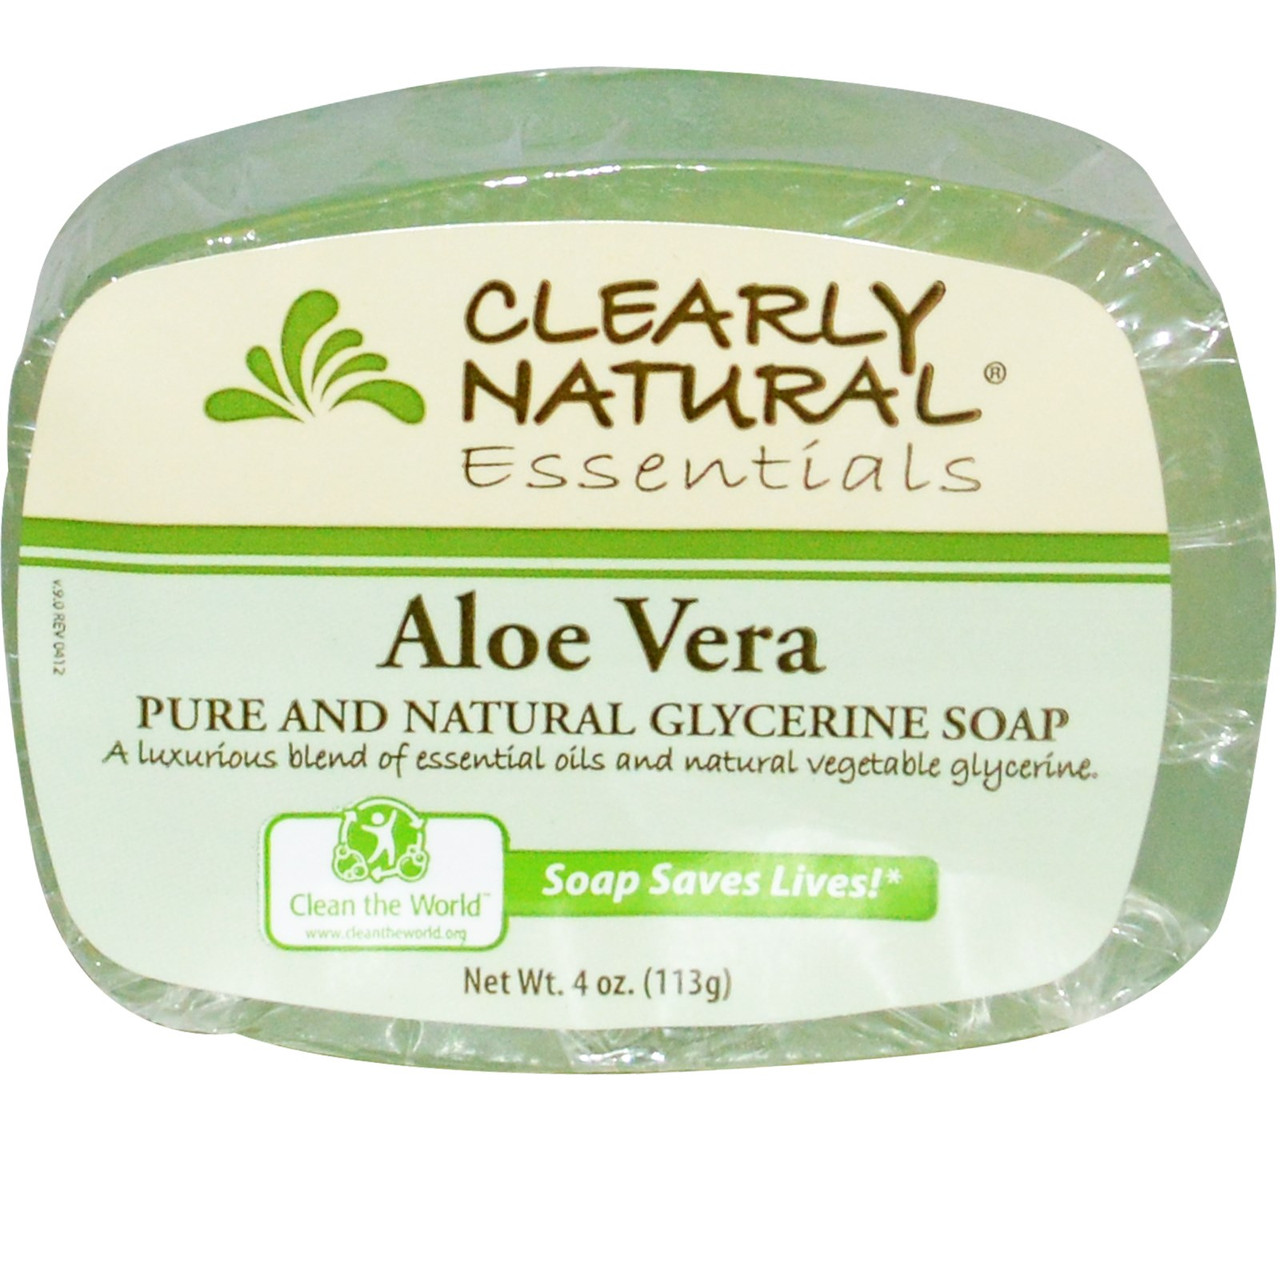 Натуральное глицериновое мыло, Алоэ Вера, Clearly Natural, Essentials, 4 унции (113 г)